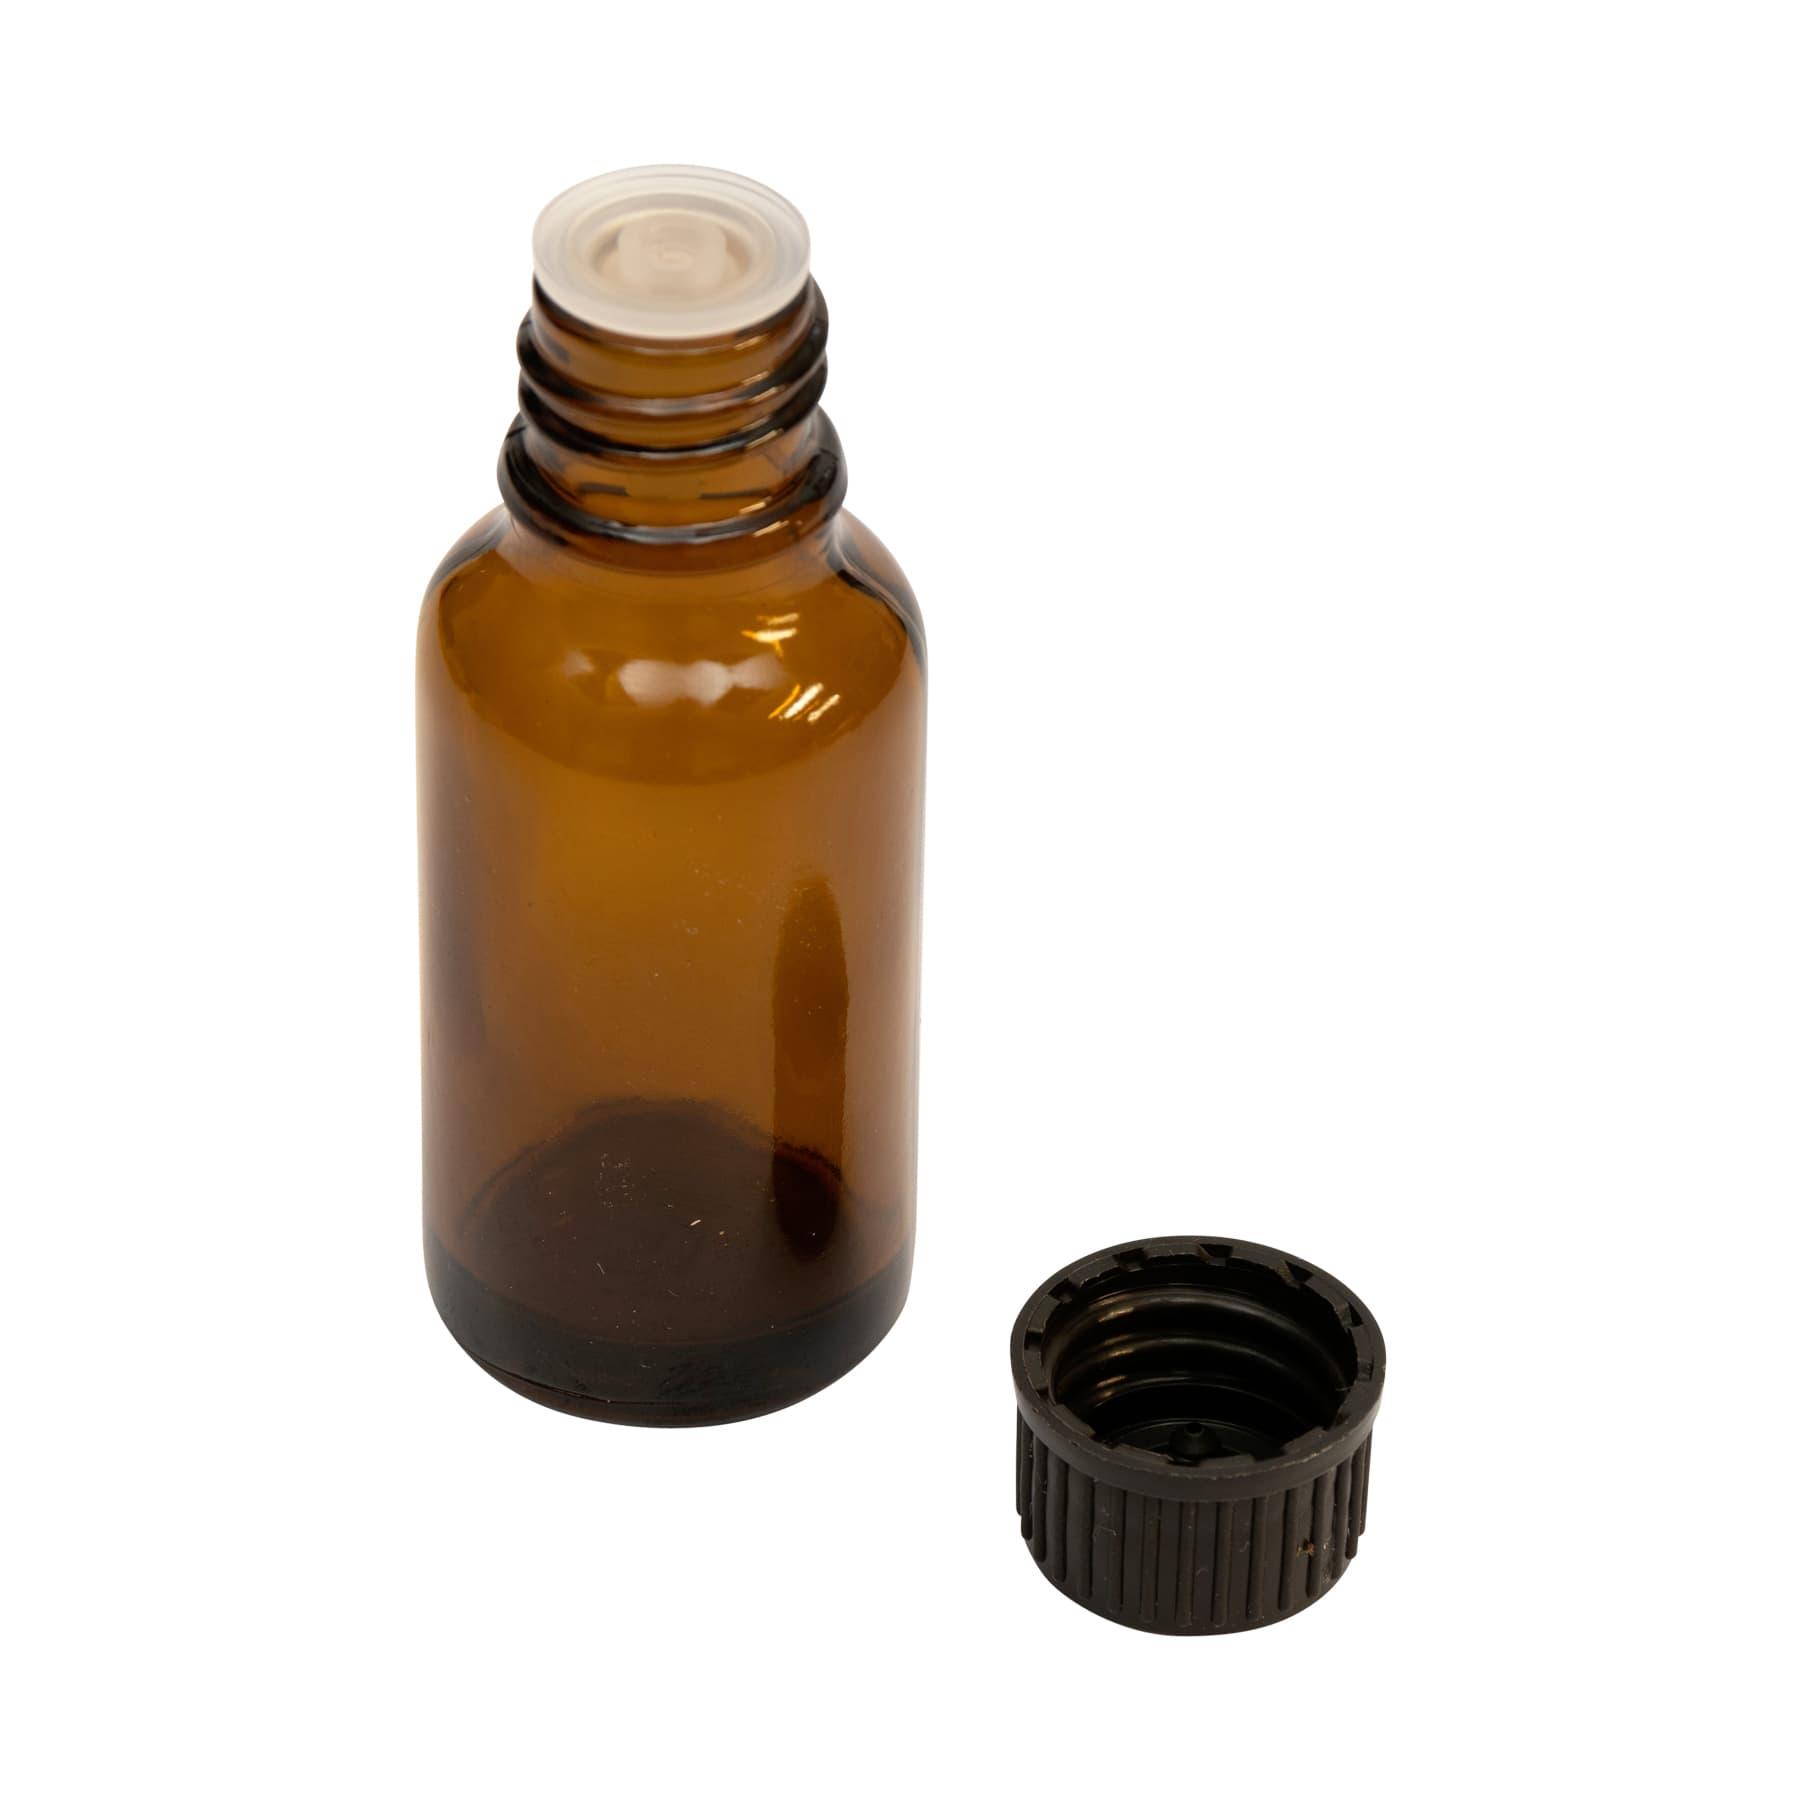 Tropfflasche 30 ml mit Tropferverschluß